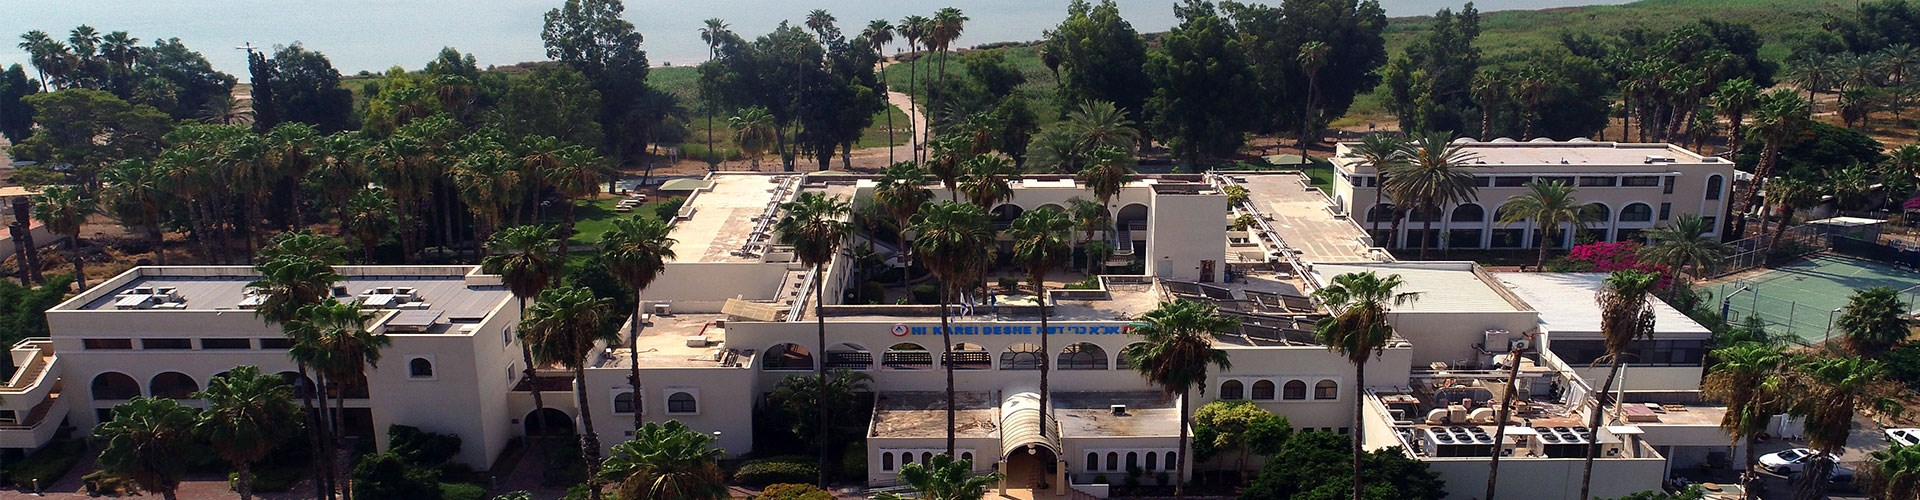 HI Karei Deshe - Kinneret Hostel